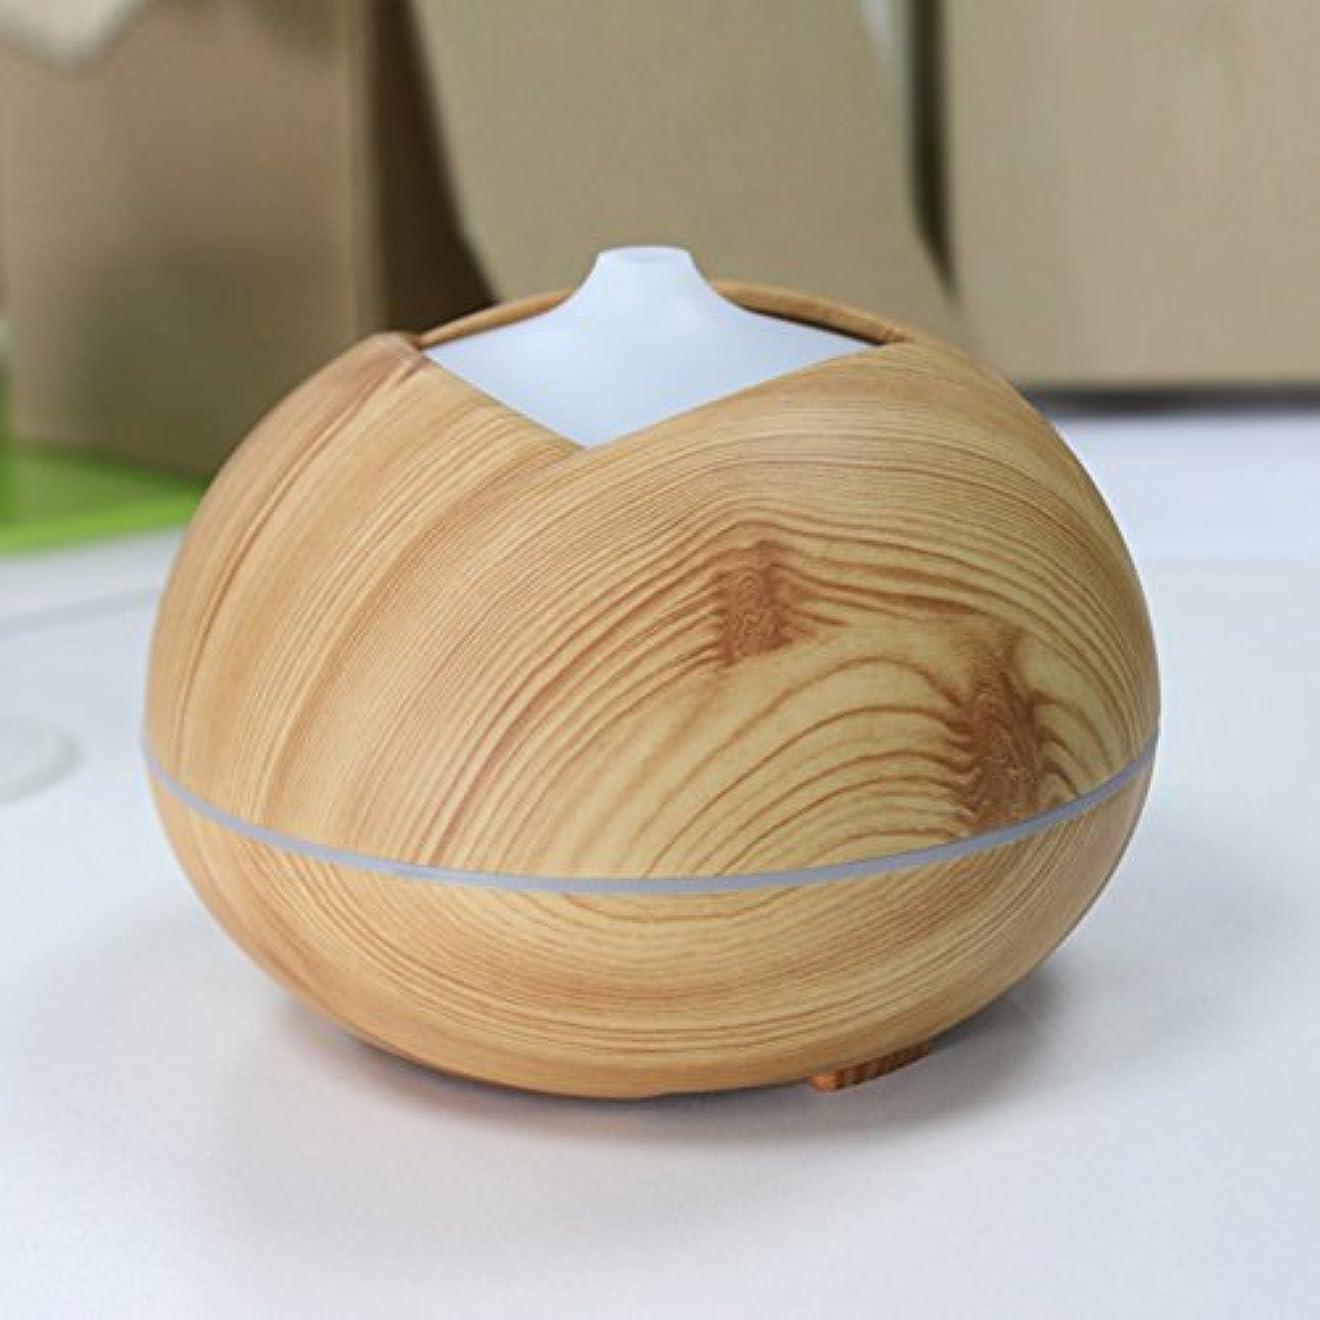 スクリーチ心配エネルギーYiding加湿器木製カラーCool Mist超音波アロマEssential Oil Diffuser for Officeホームベッドルーム